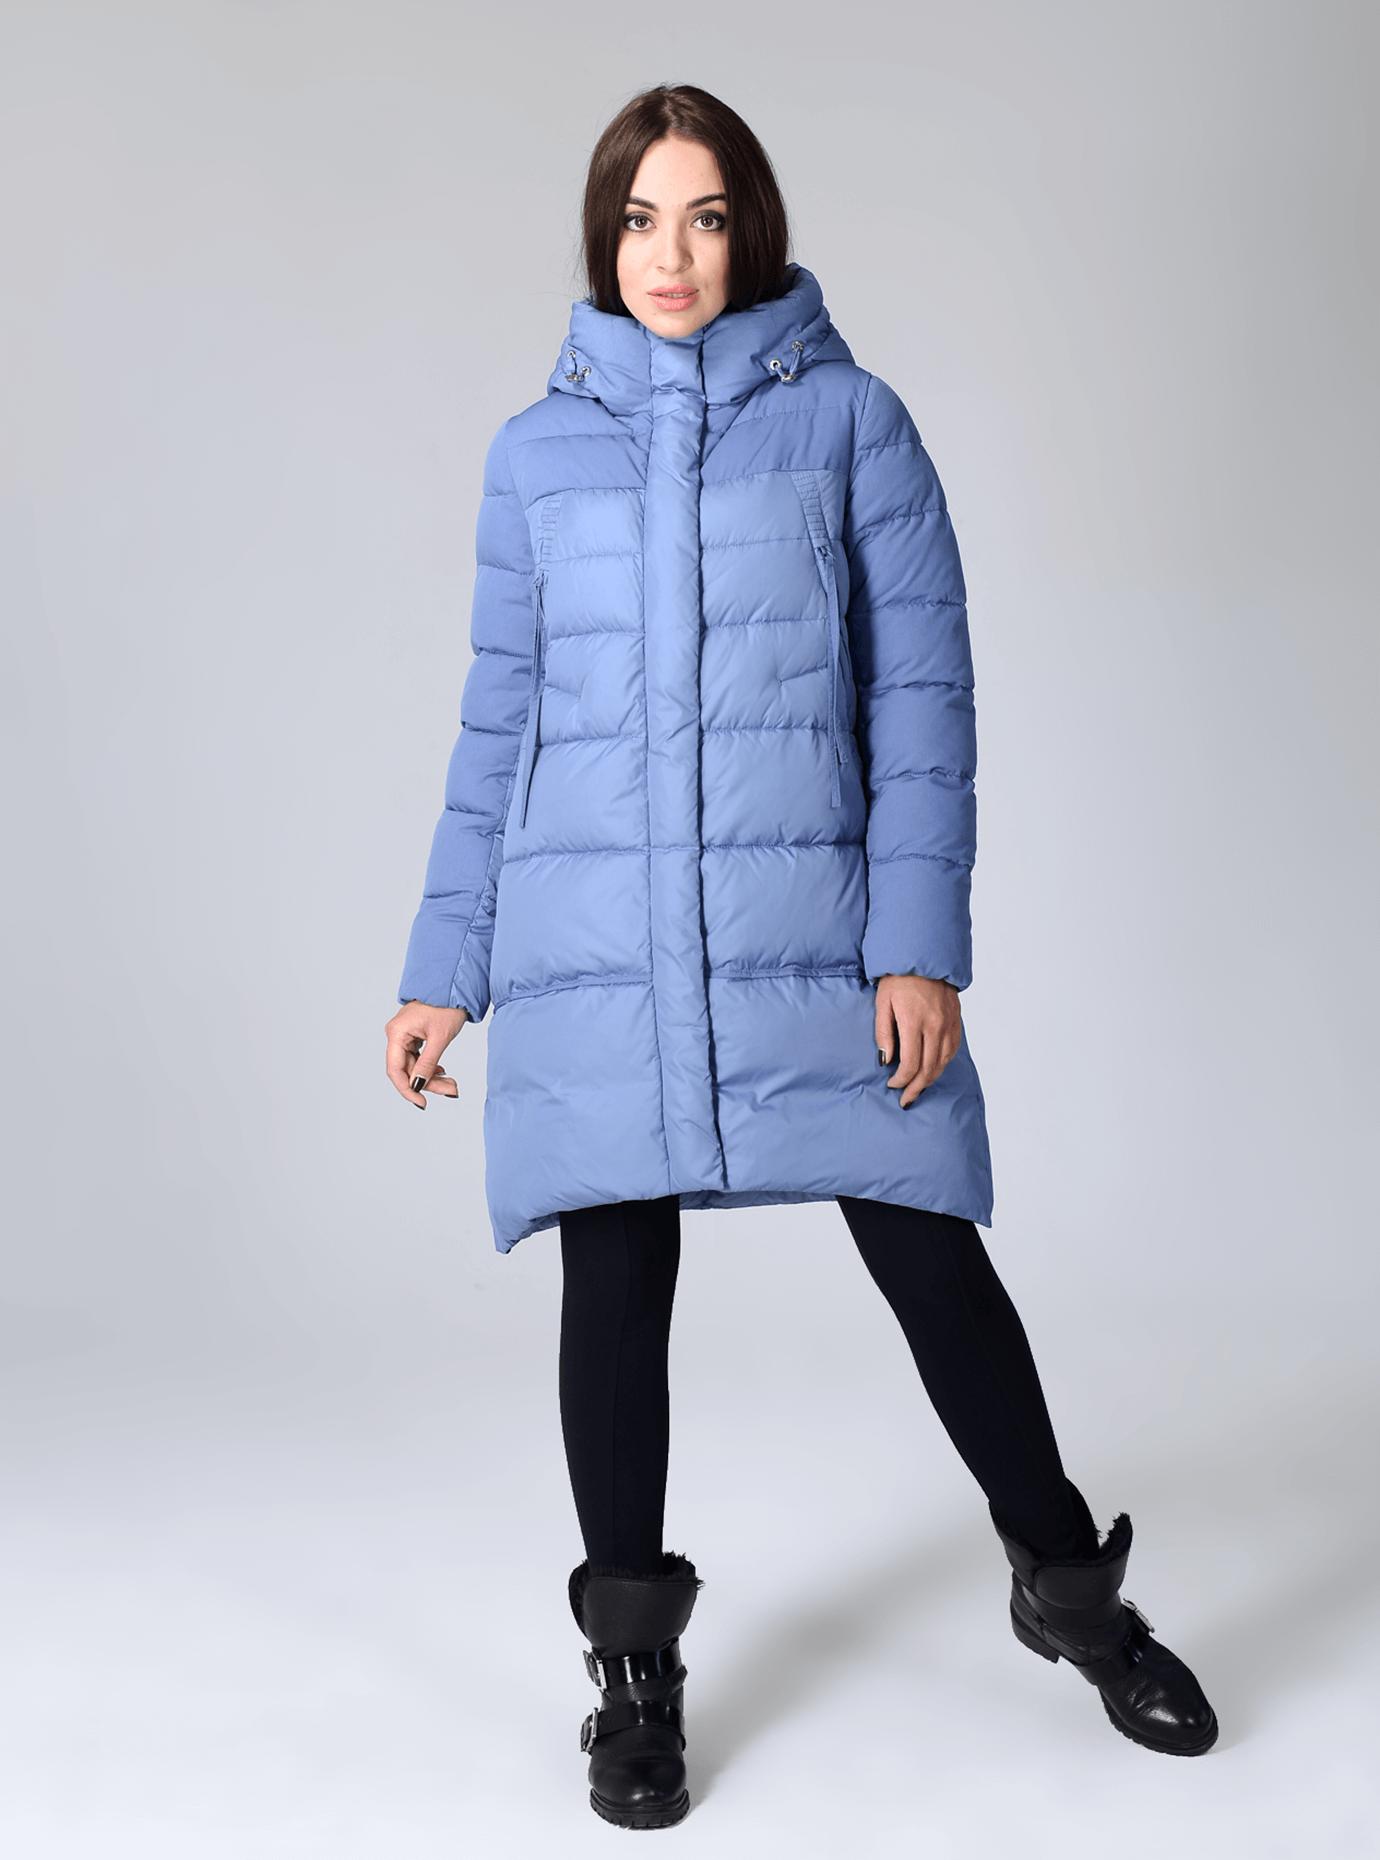 Куртка зимняя женская с капюшоном Чёрный S (02-CR170307): фото - Alster.ua